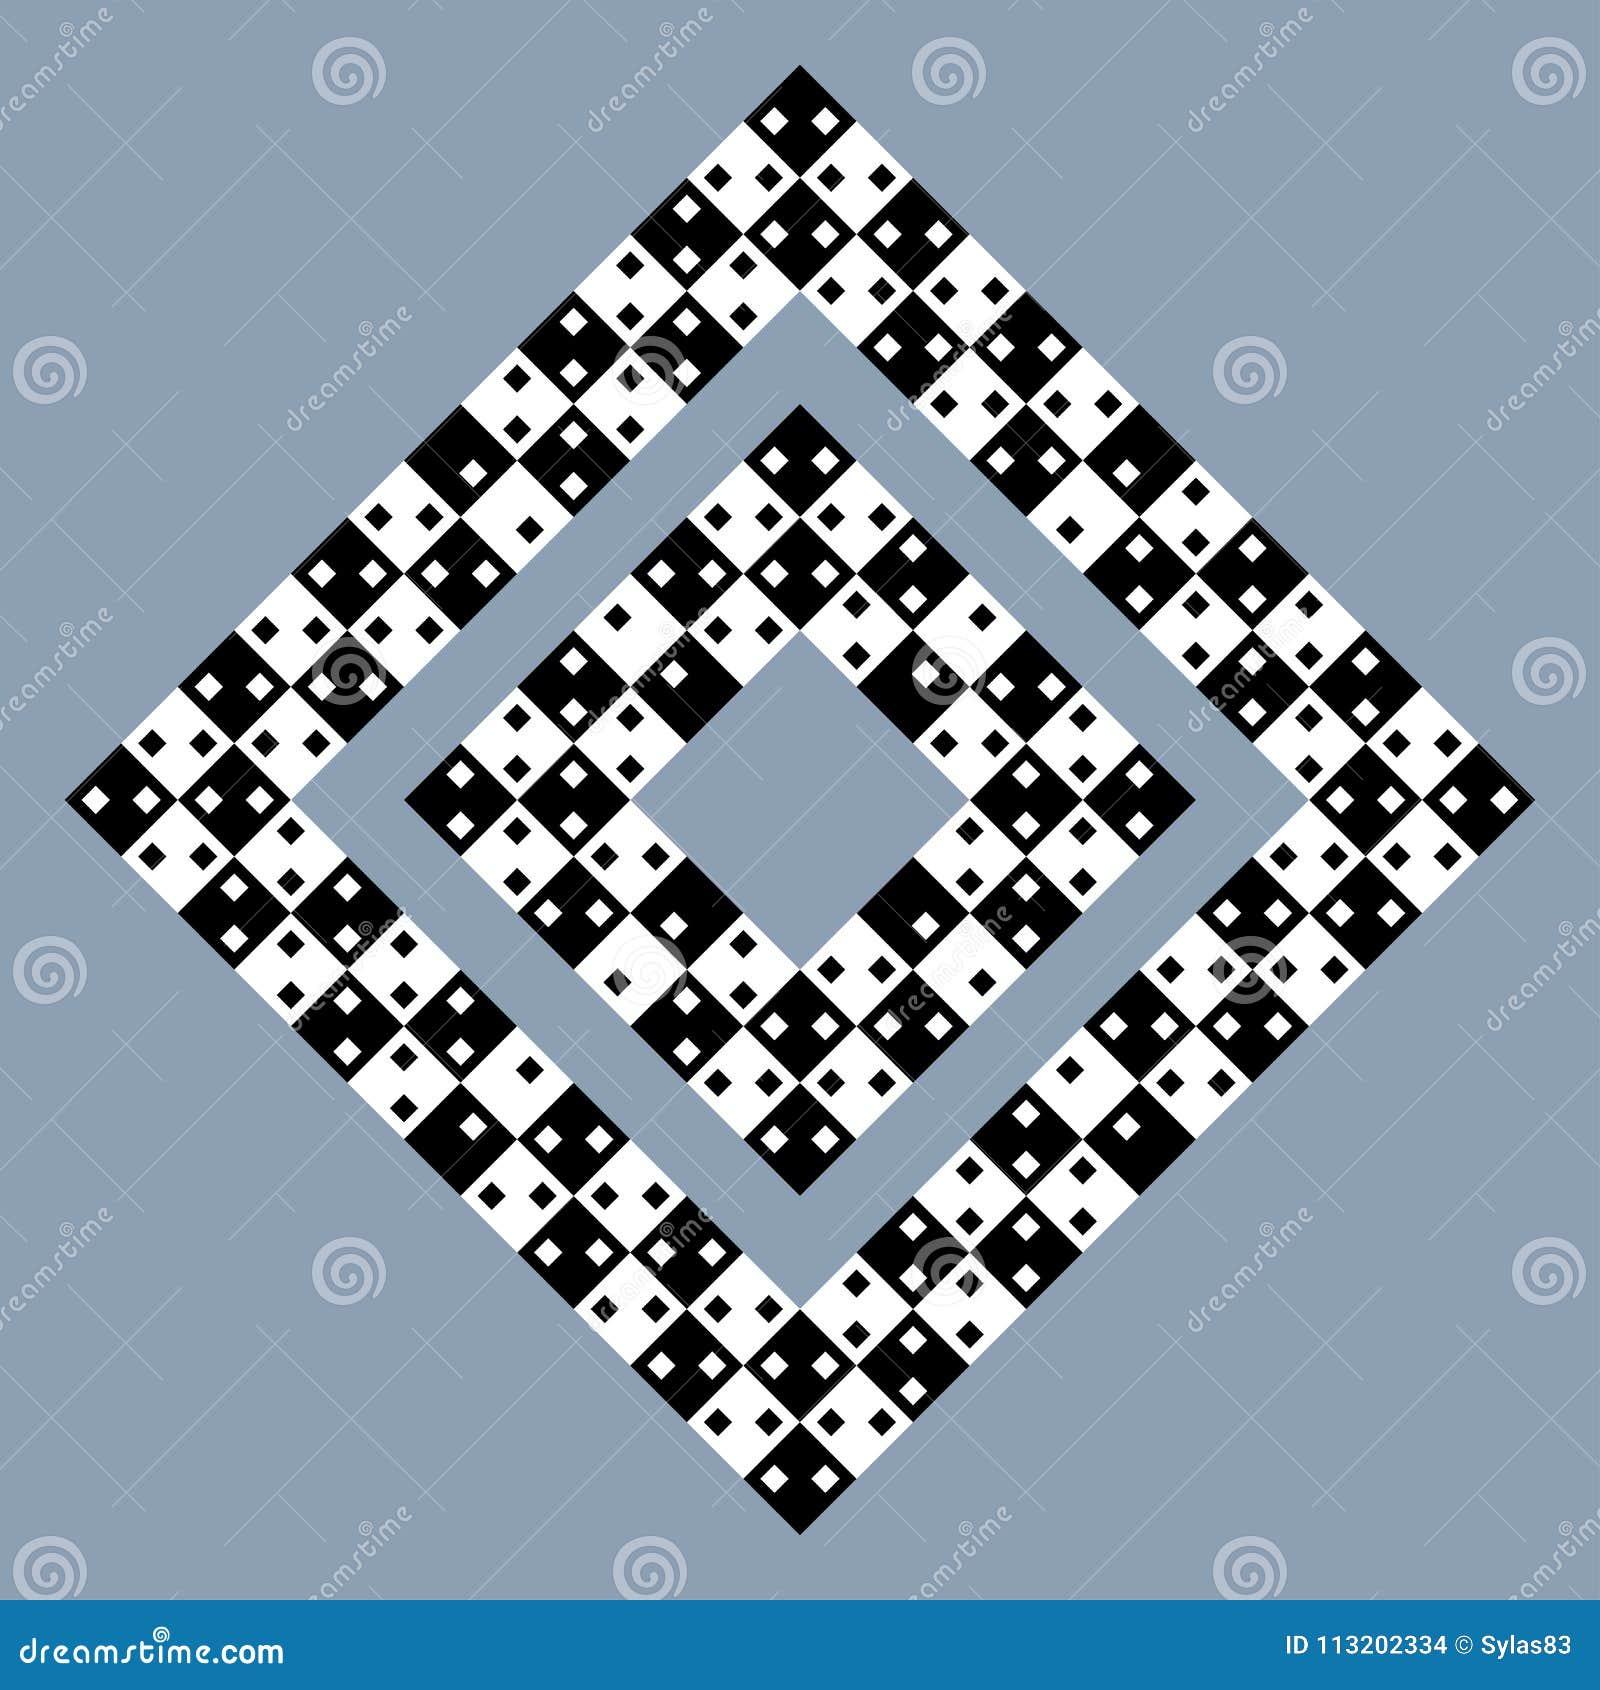 视觉欺骗-现代错觉 滑稽和不可能的形状谜语